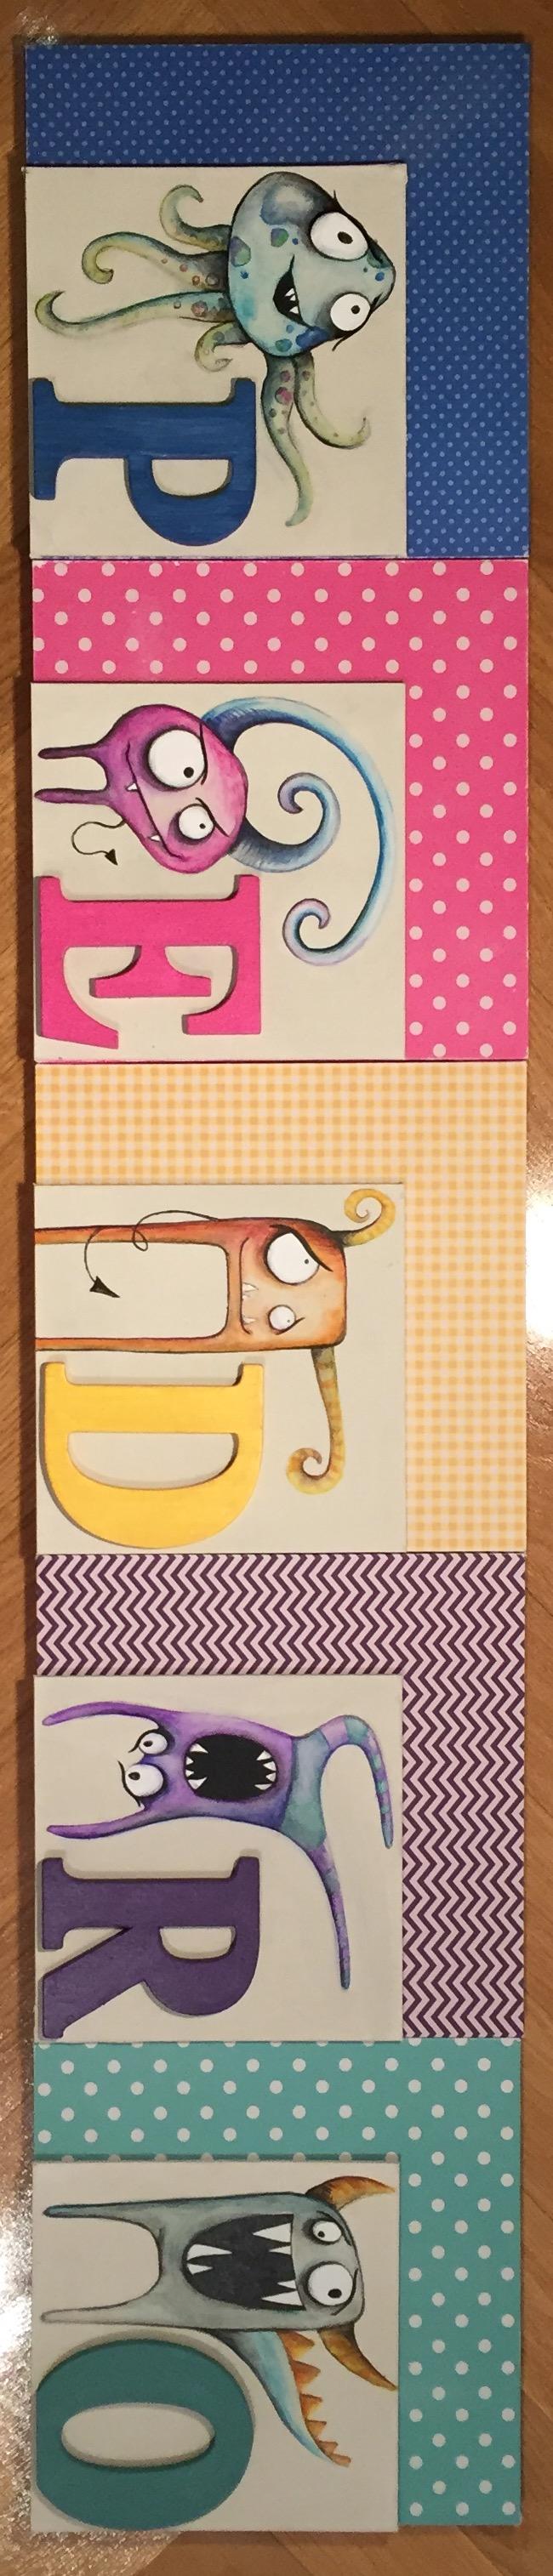 Cartel nombre niño. Decoración infantil. Por encargo.  15€ por letra aprox. Personalizable. Tamaño 20x20cm por letra. Tablero y cartón forrado papel.